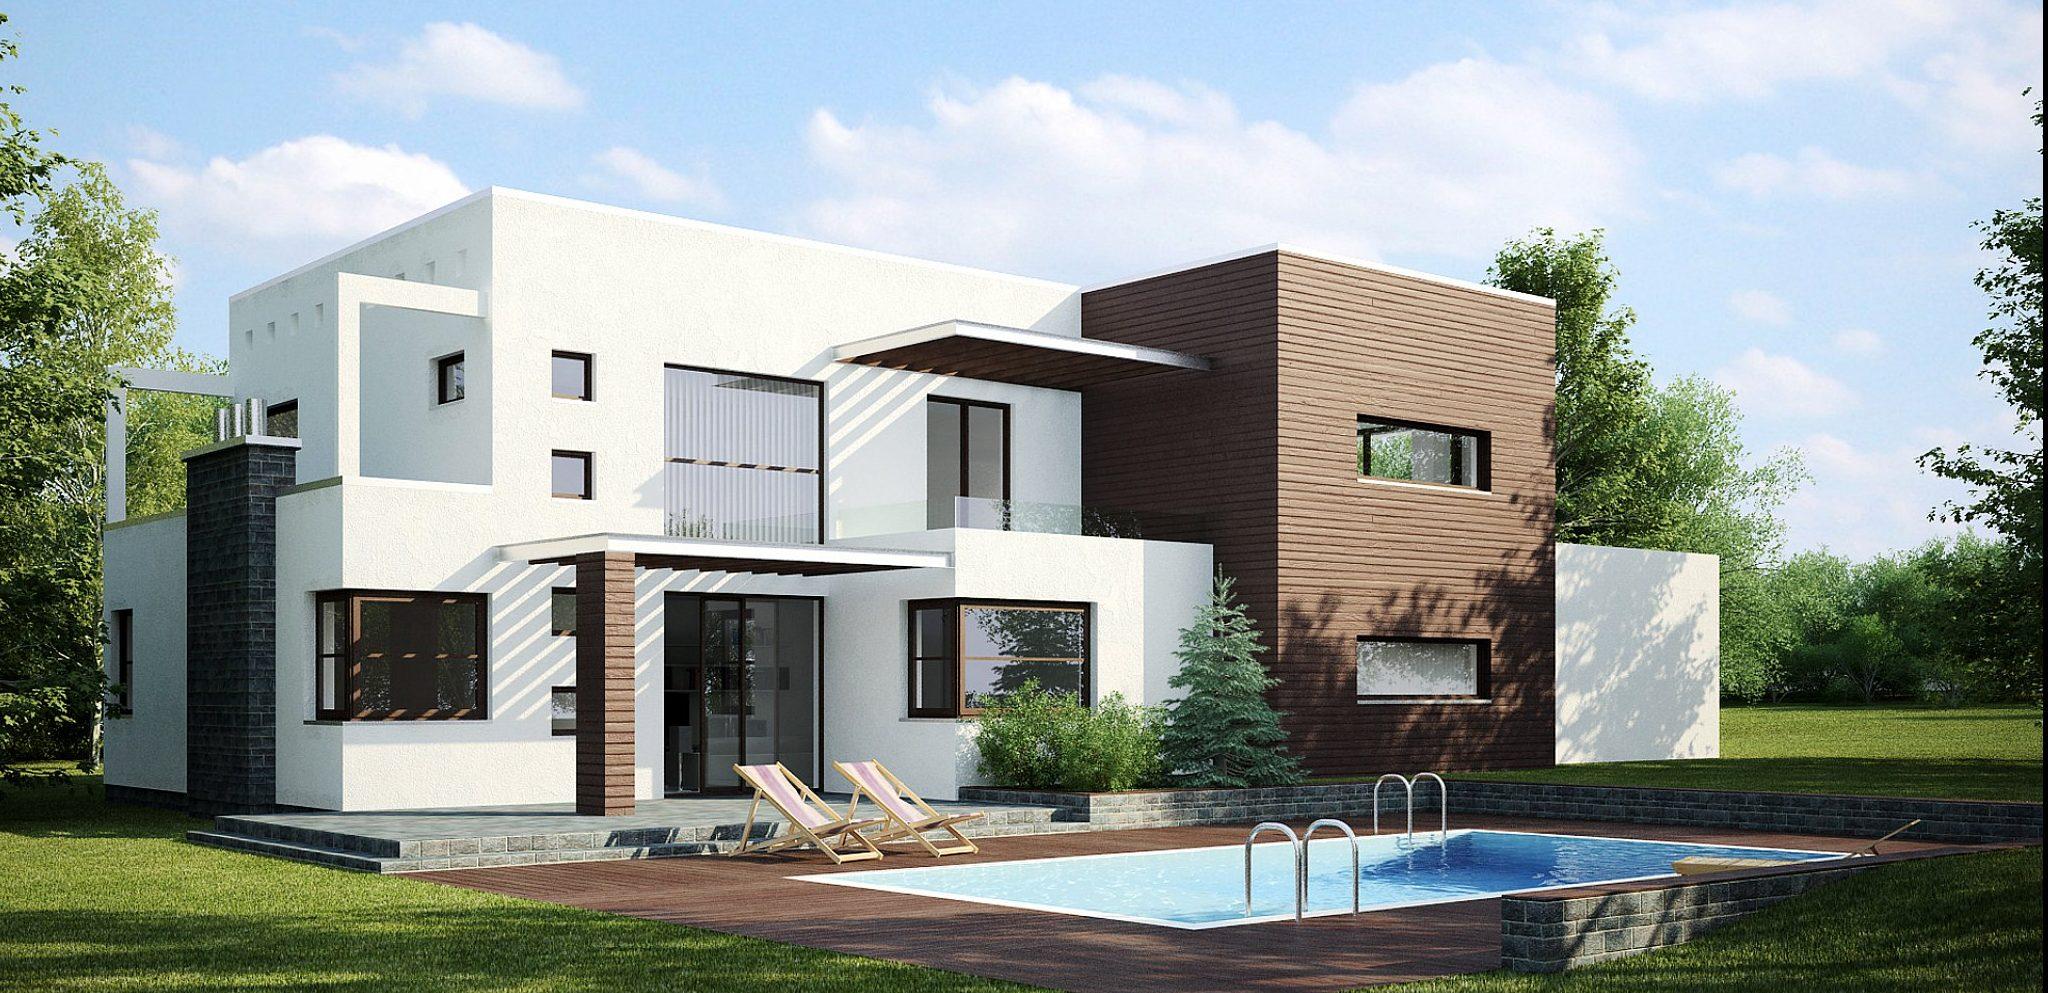 Фасад дома исполнен по технологии короед